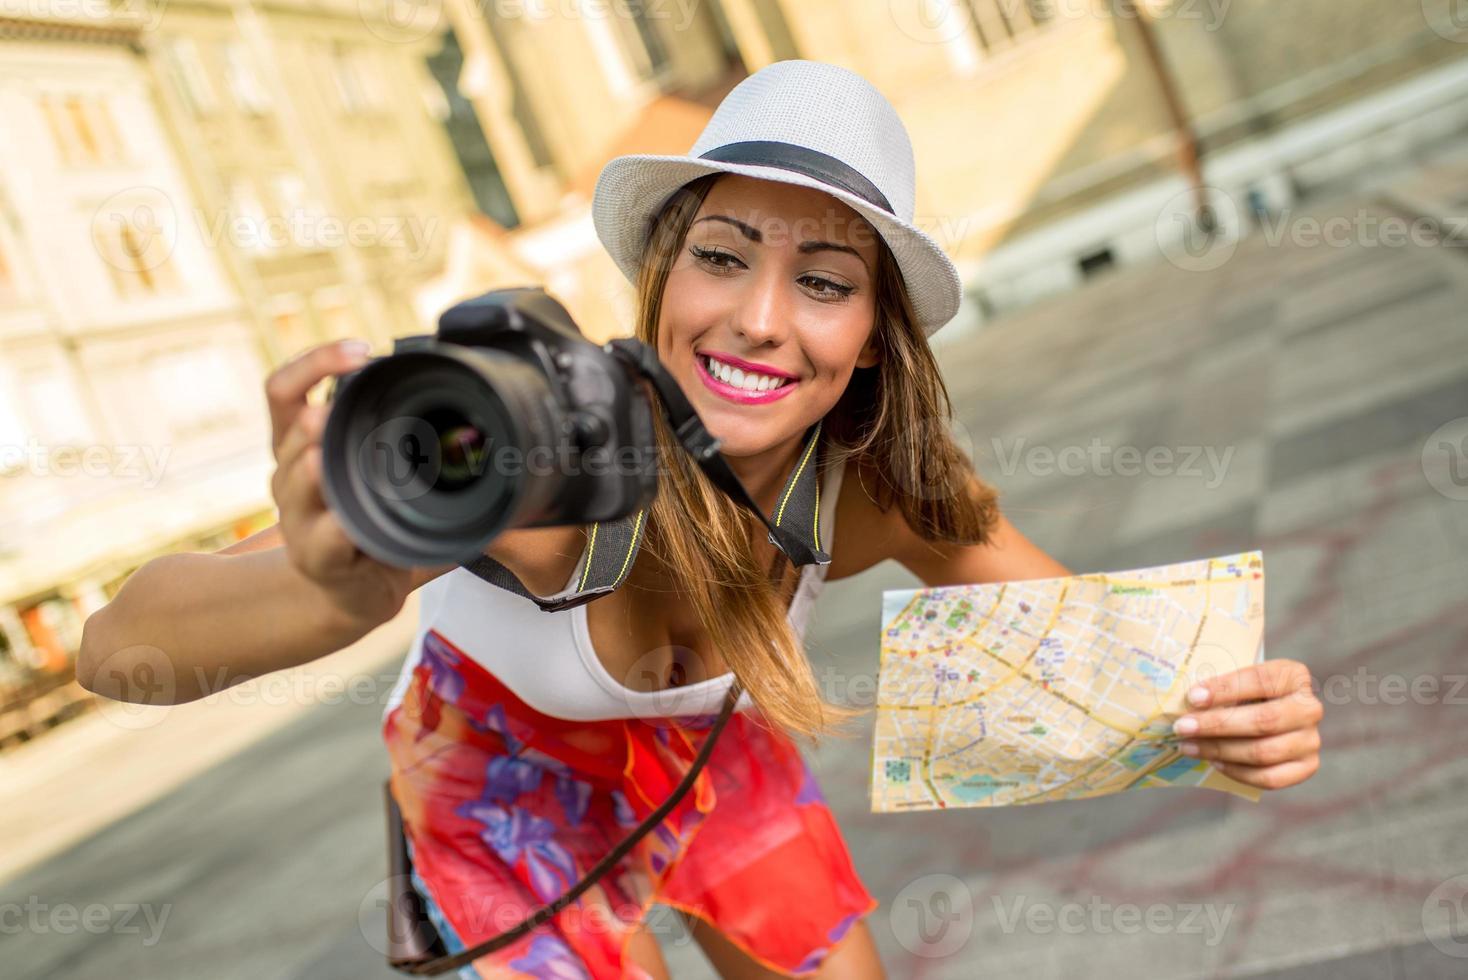 bella donna turistica foto